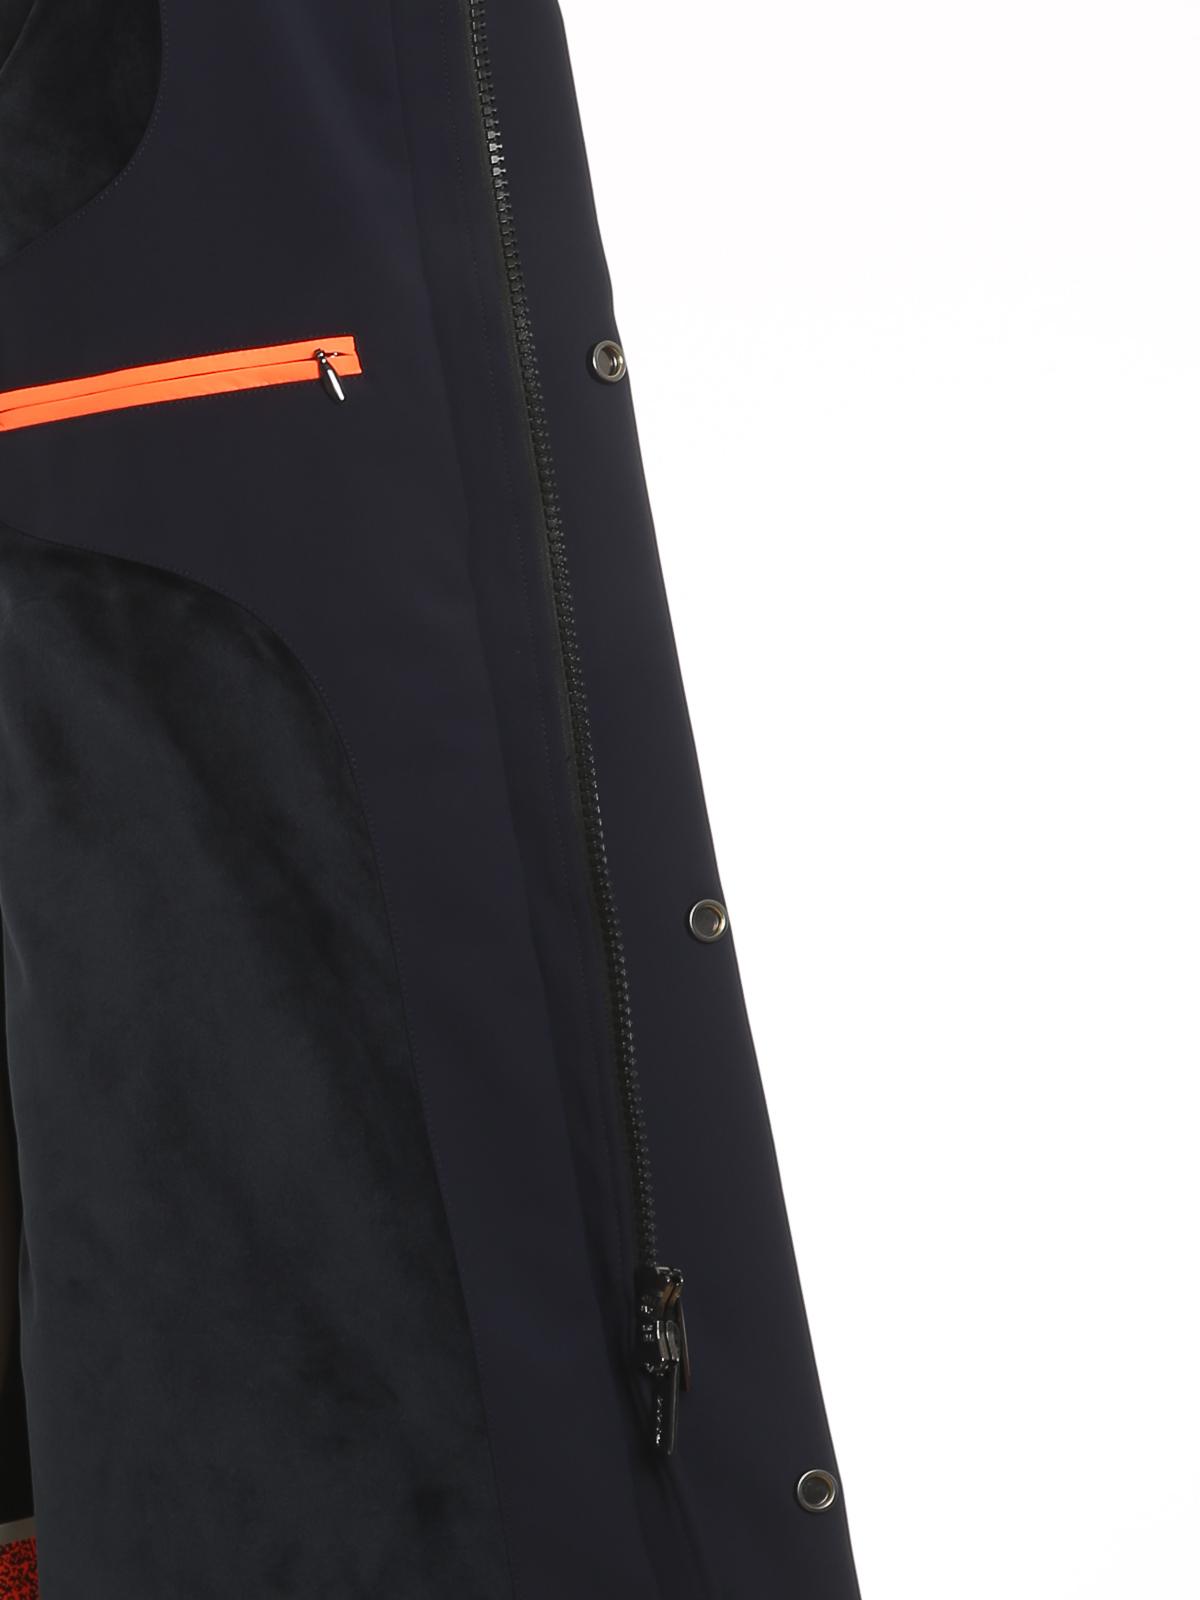 Immagine di Rrd - Roberto Ricci Designs   Thermo Jacket